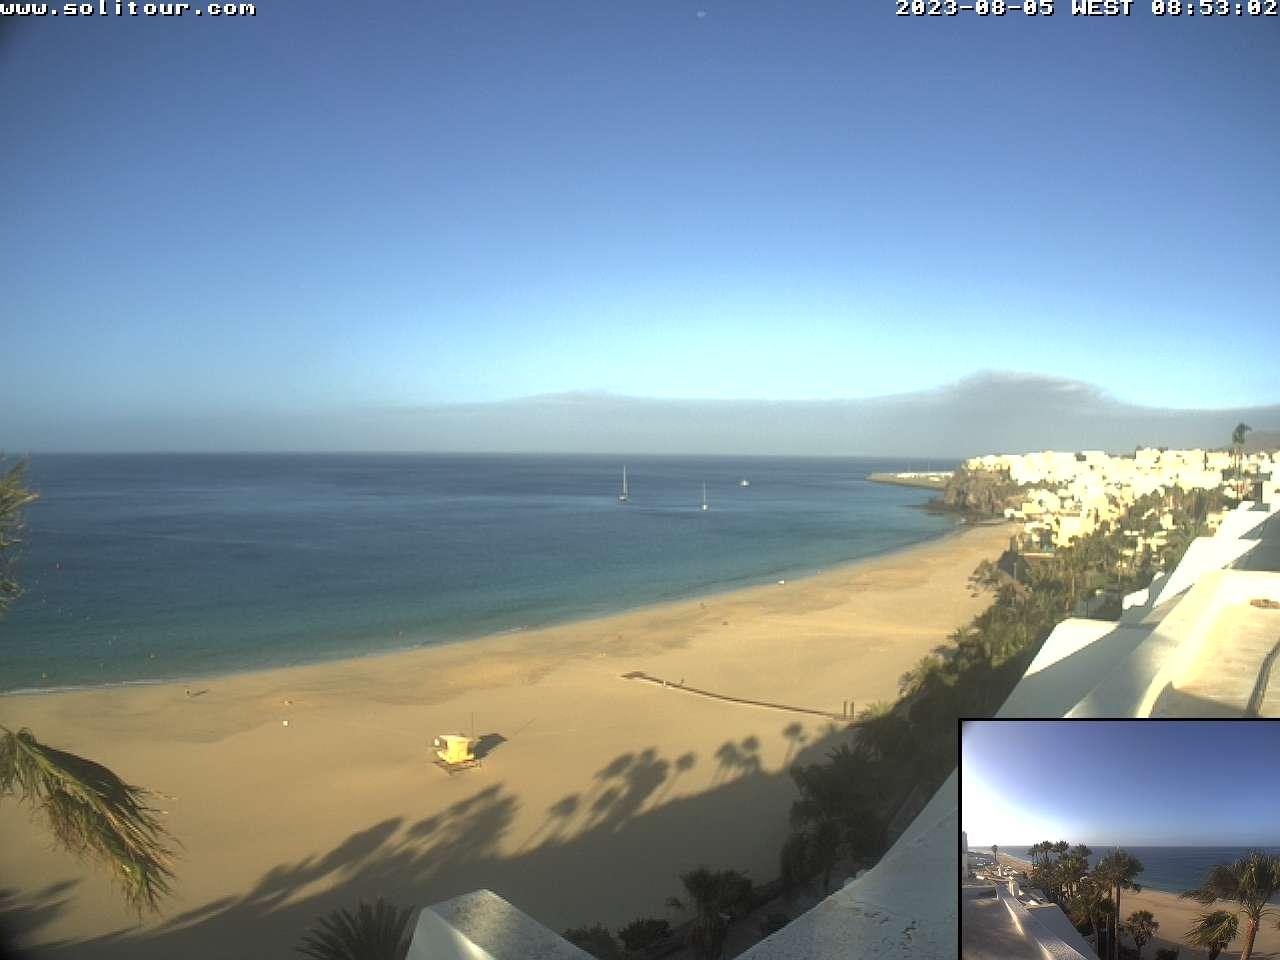 Jandia (Fuerteventura) Mo. 08:53